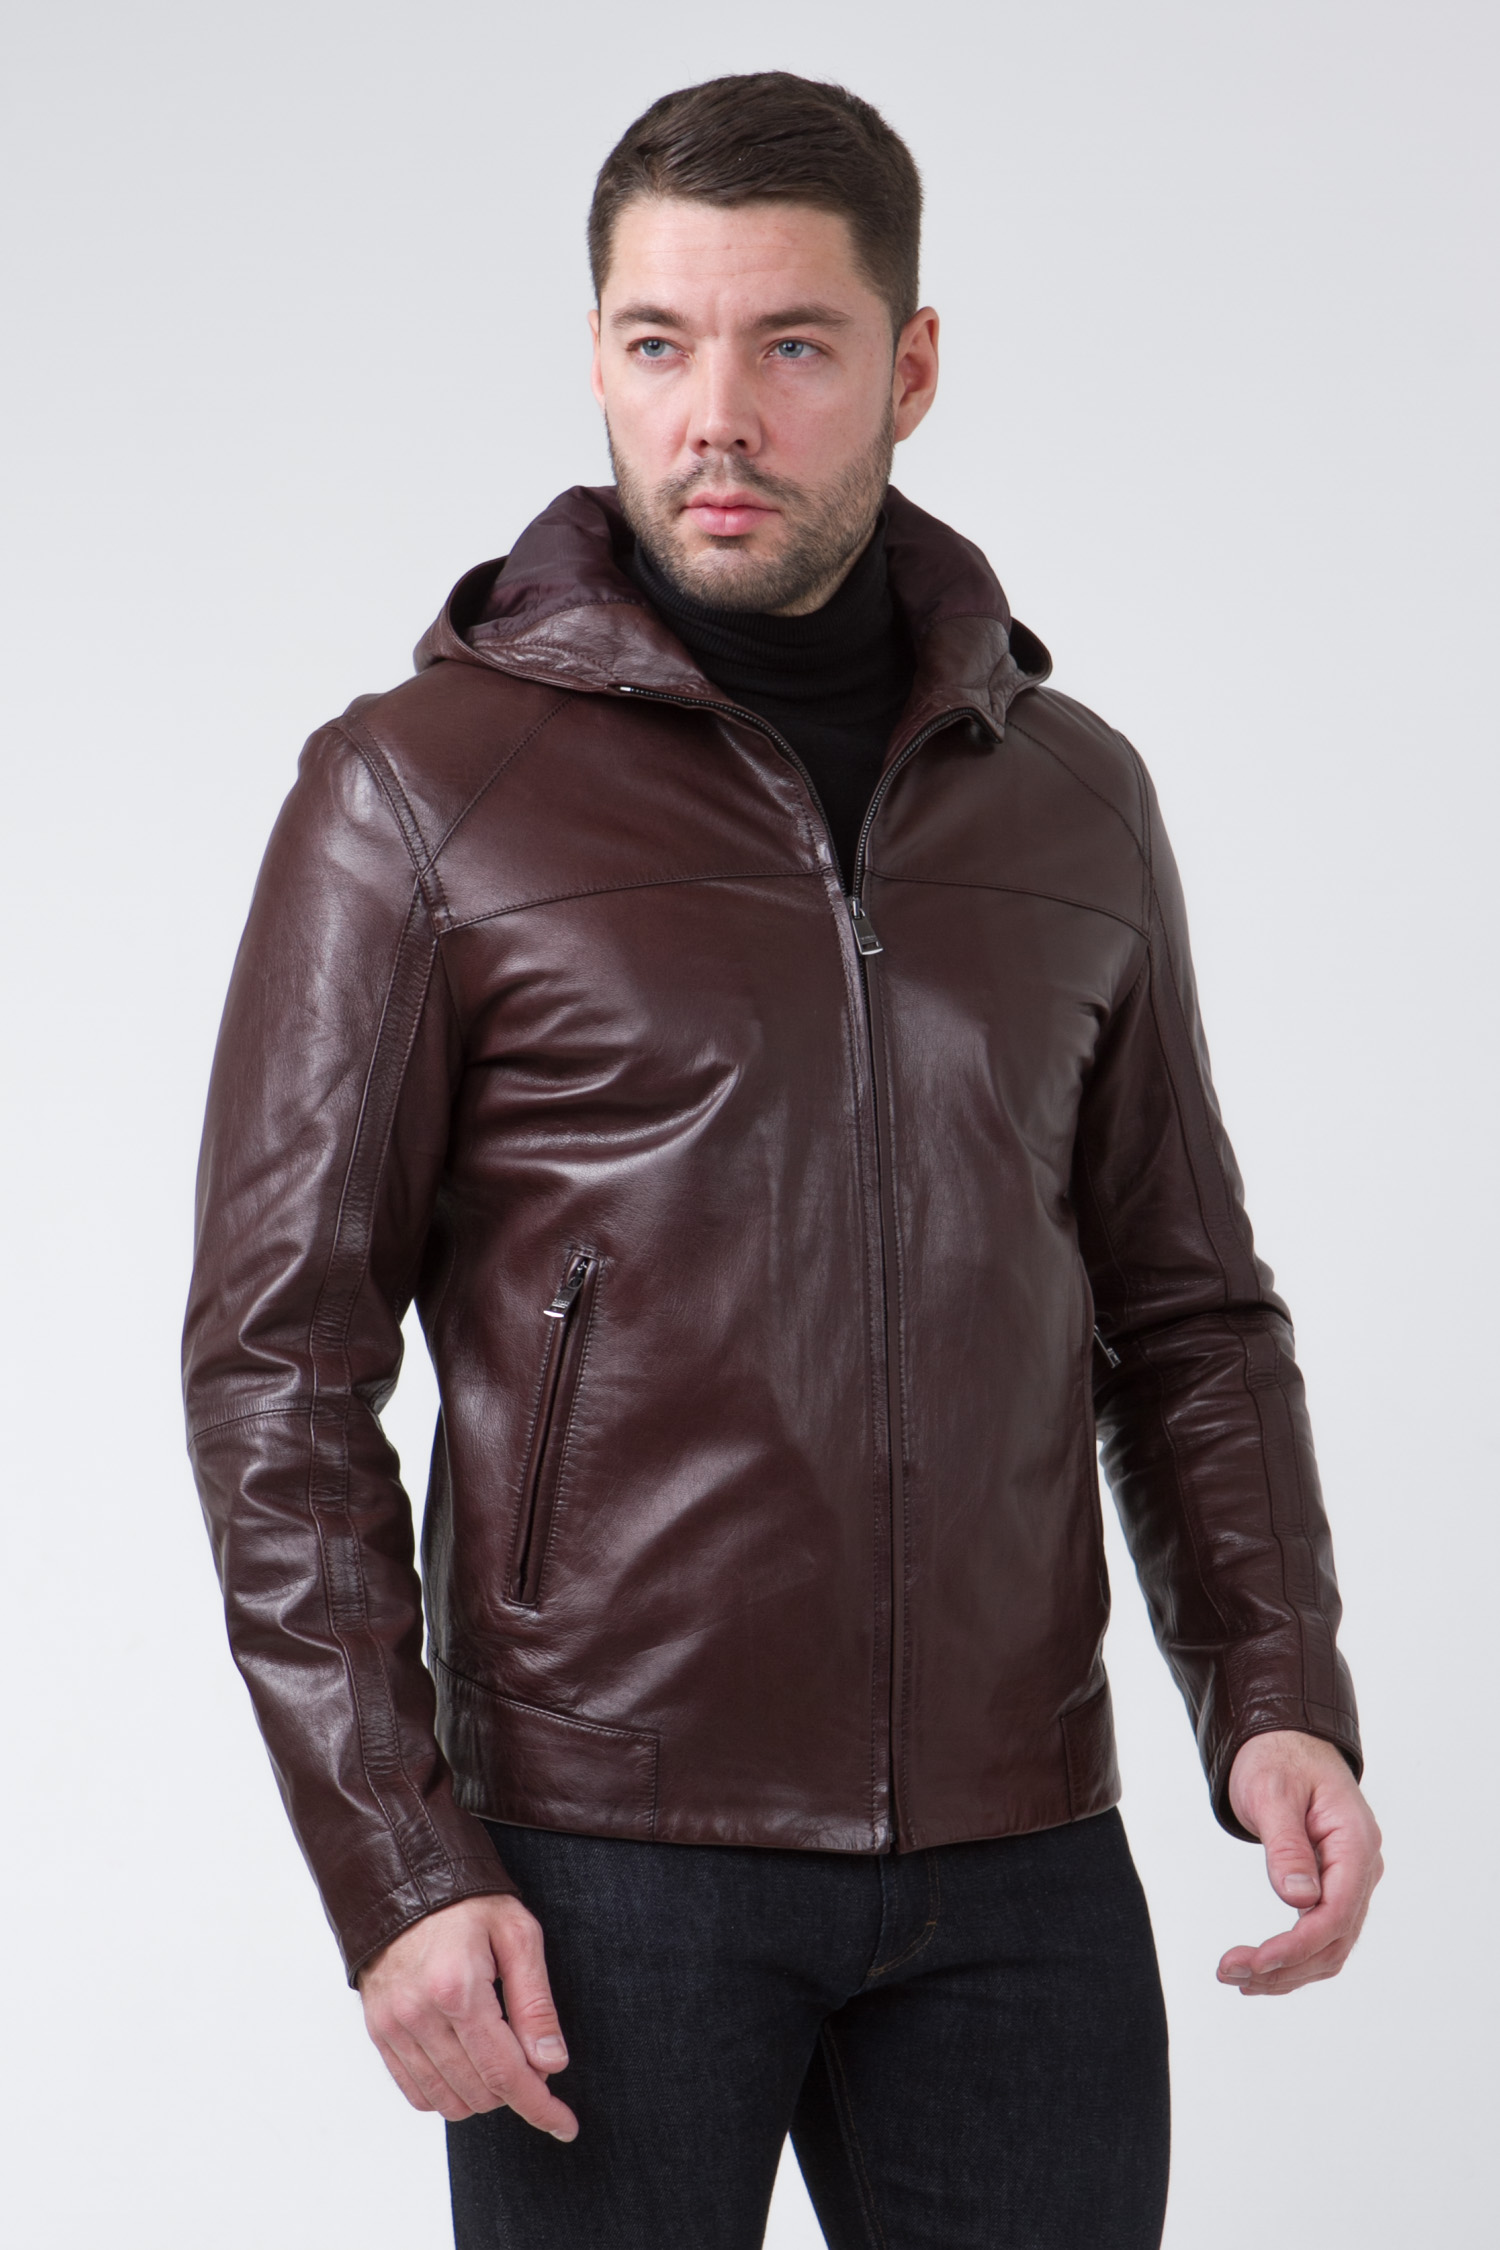 Мужская кожаная куртка из натуральной кожи с капюшоном, без отделки<br><br>Воротник: капюшон<br>Длина см: Короткая (51-74 )<br>Материал: Кожа овчина<br>Цвет: коричневый<br>Вид застежки: центральная<br>Застежка: на молнии<br>Пол: Мужской<br>Размер RU: 52